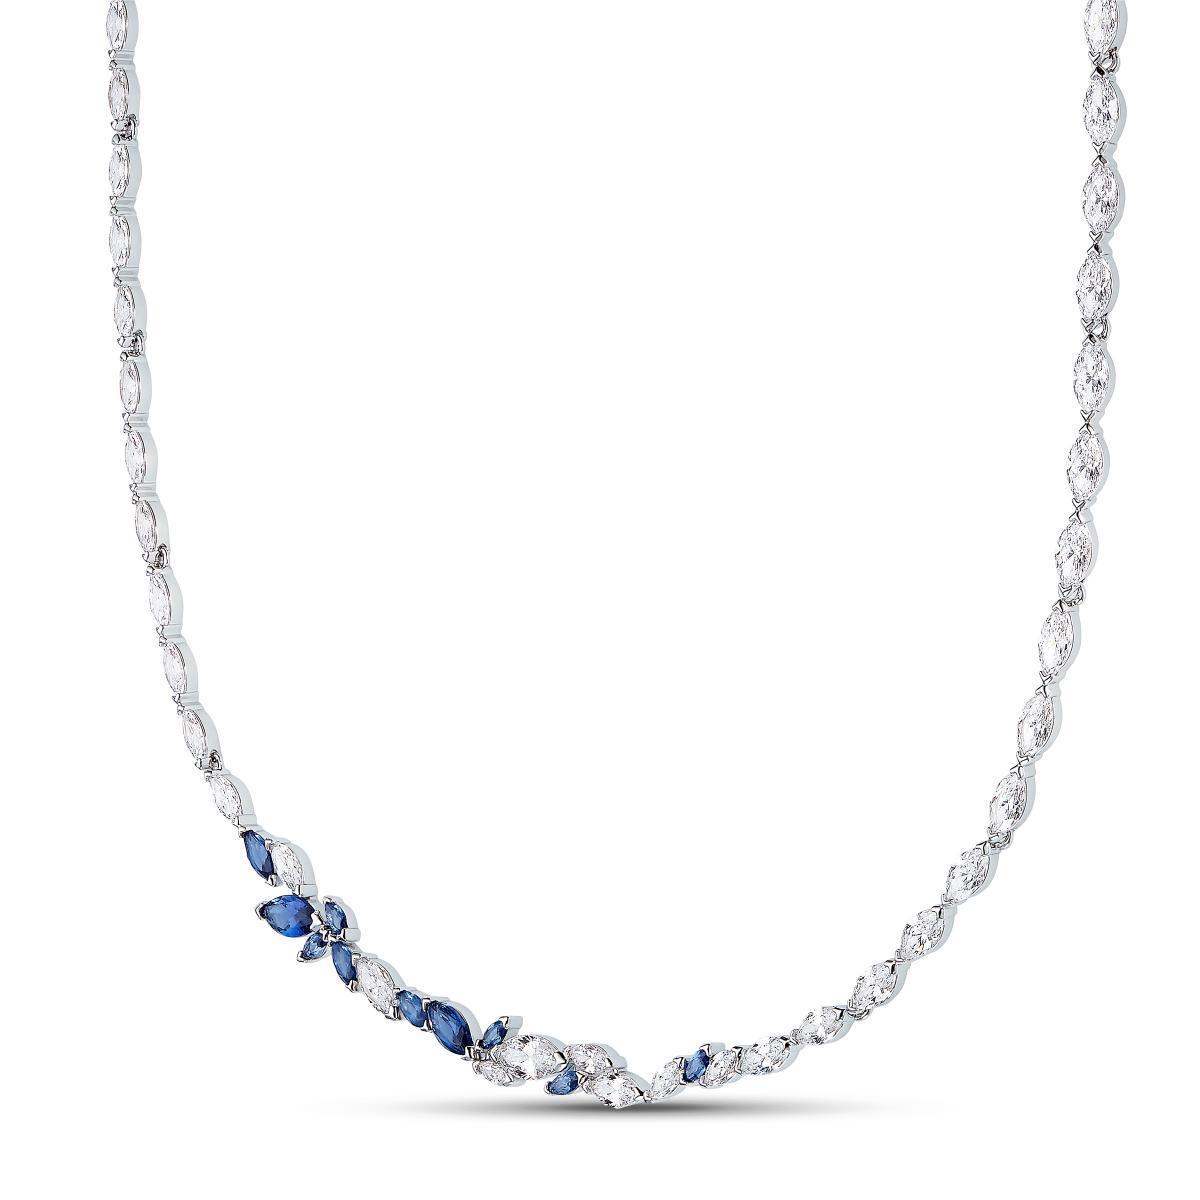 COLLIER Swarovski 5536547 - Collier Ras de Cou Feuille Cristaux Bleu Strass  Femme